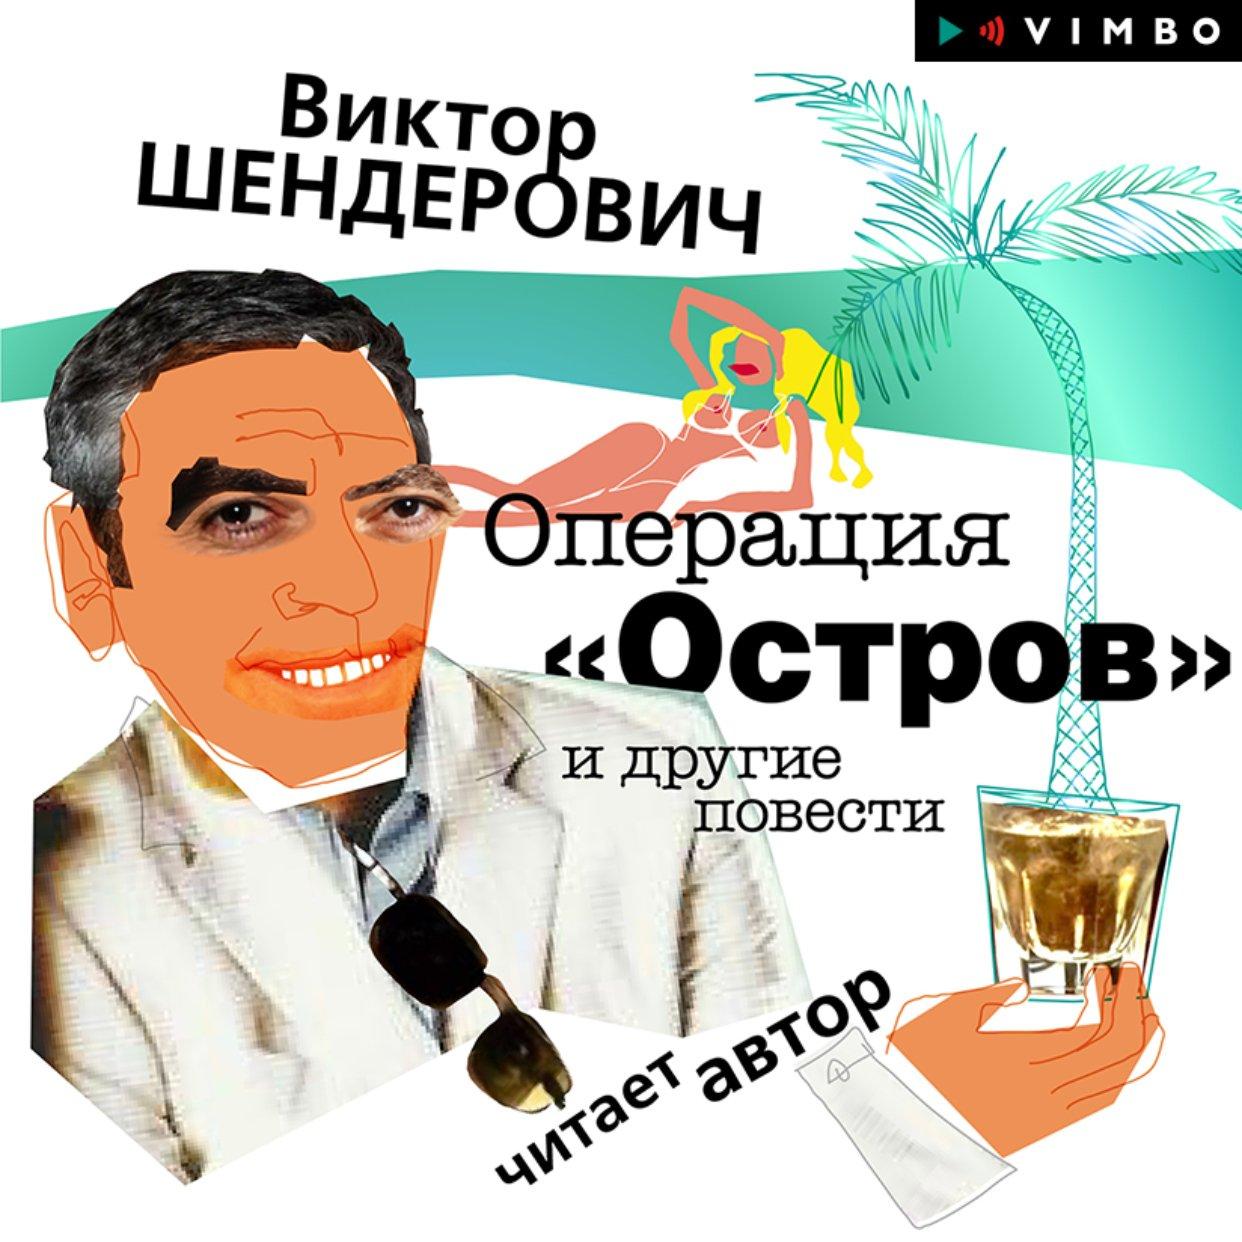 Операция «Остров» и другие повести